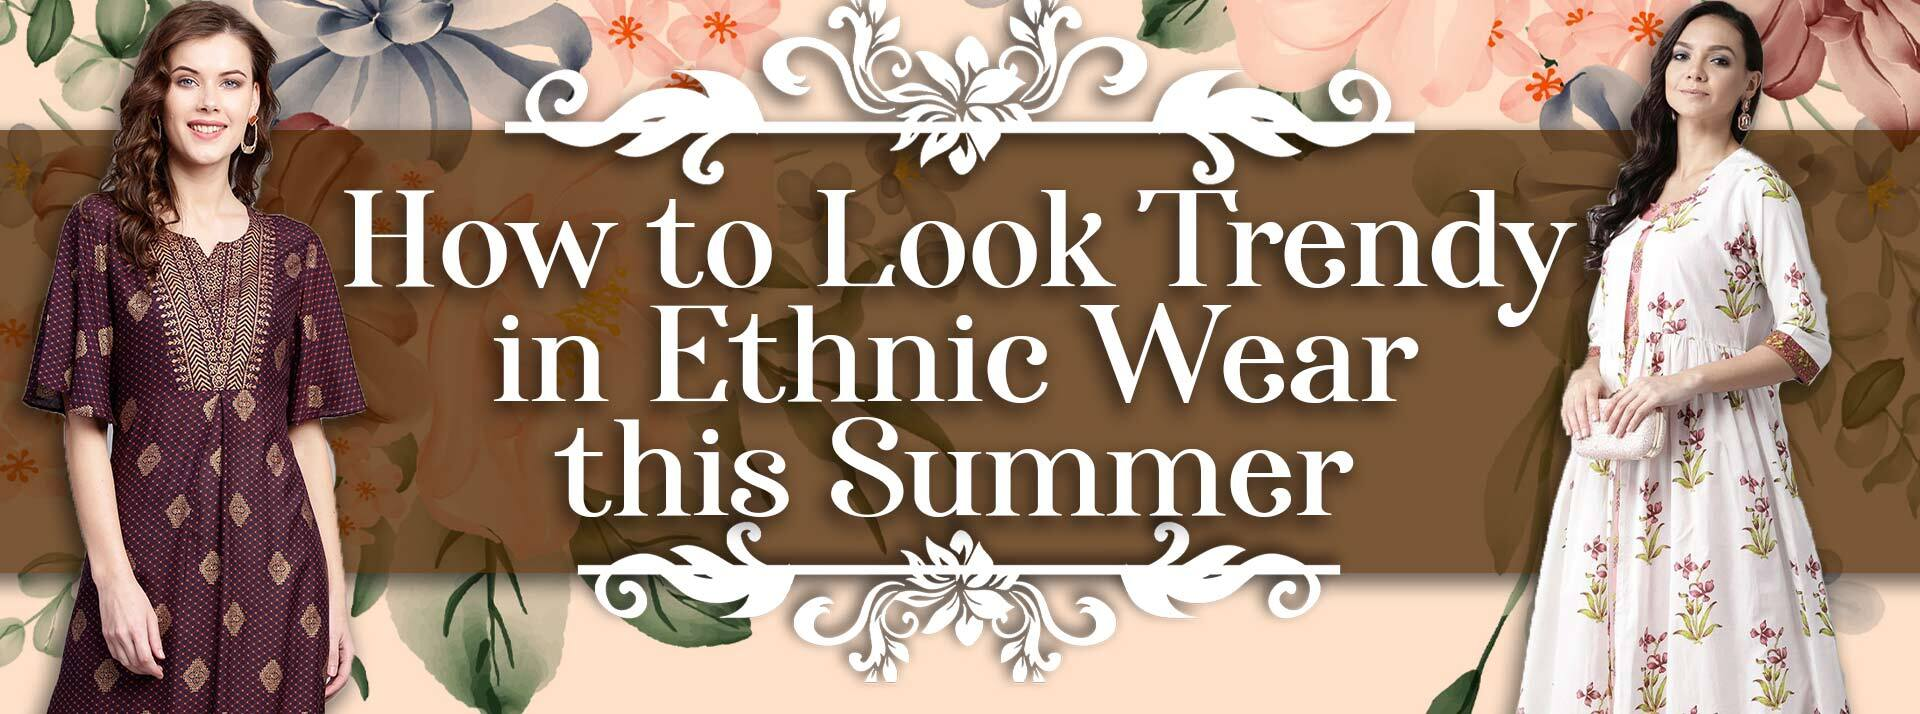 How To Look Trendy in Ethnic Wear in Summer